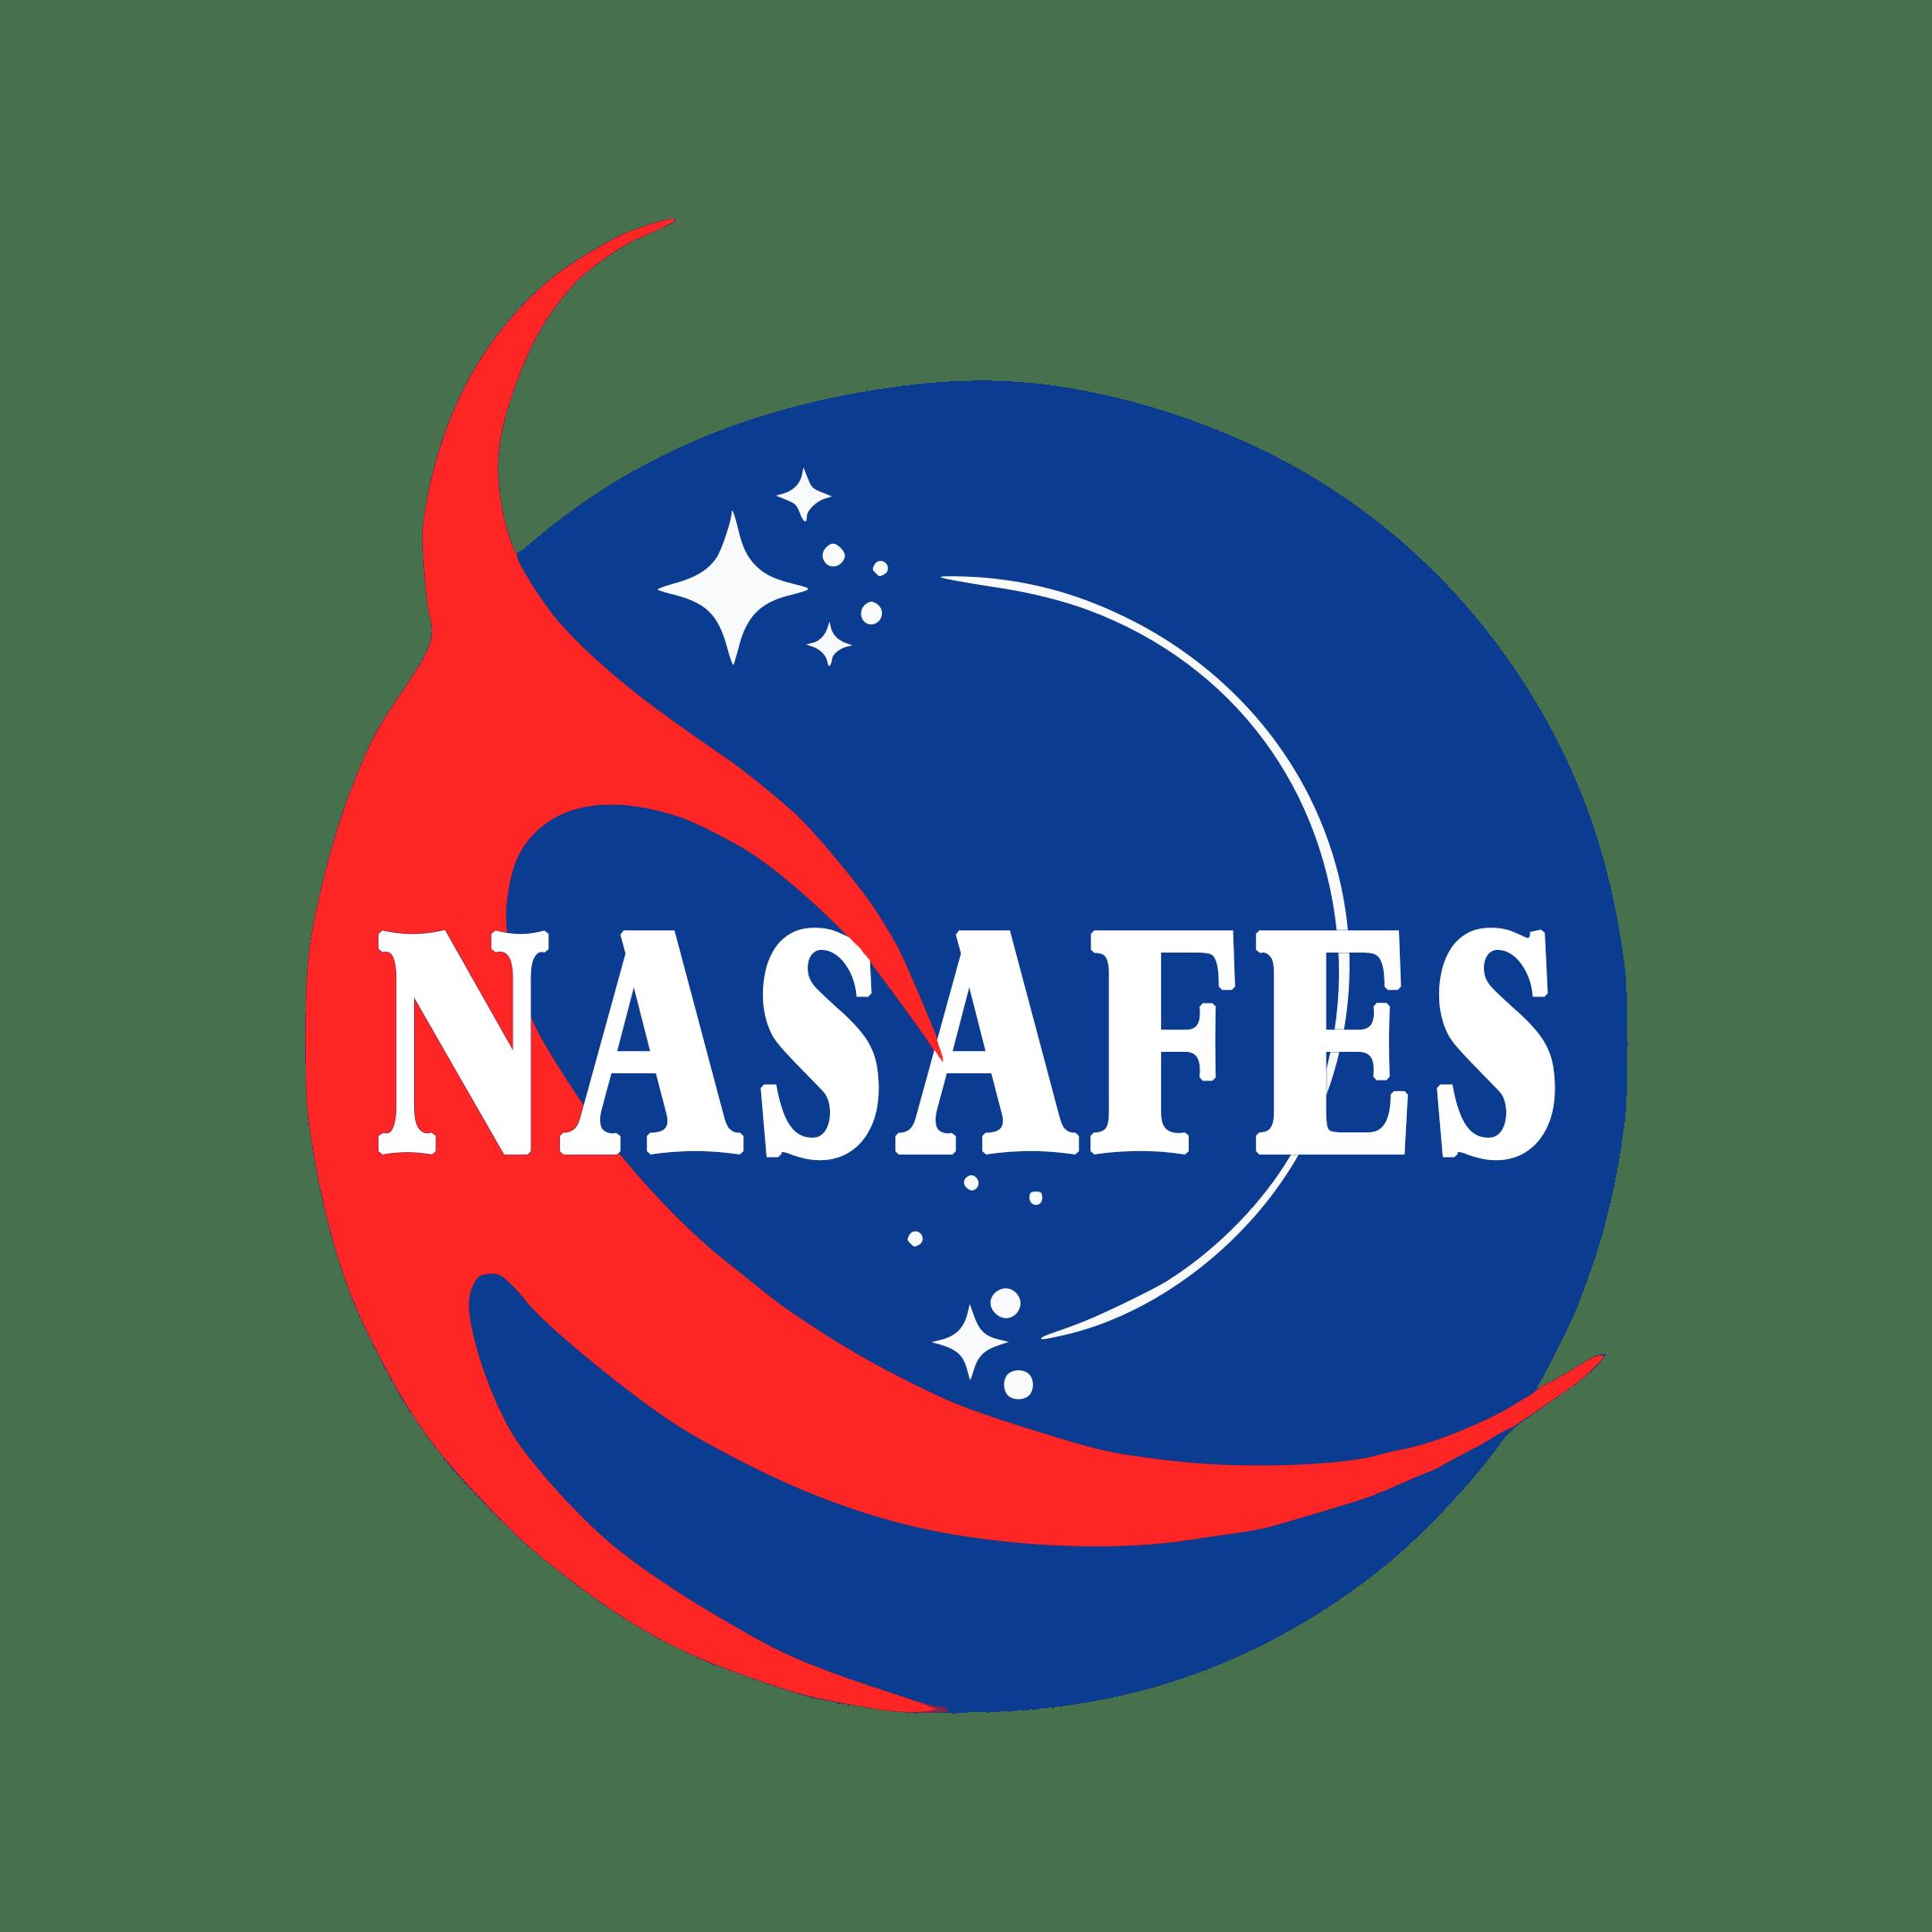 nasafes logo file